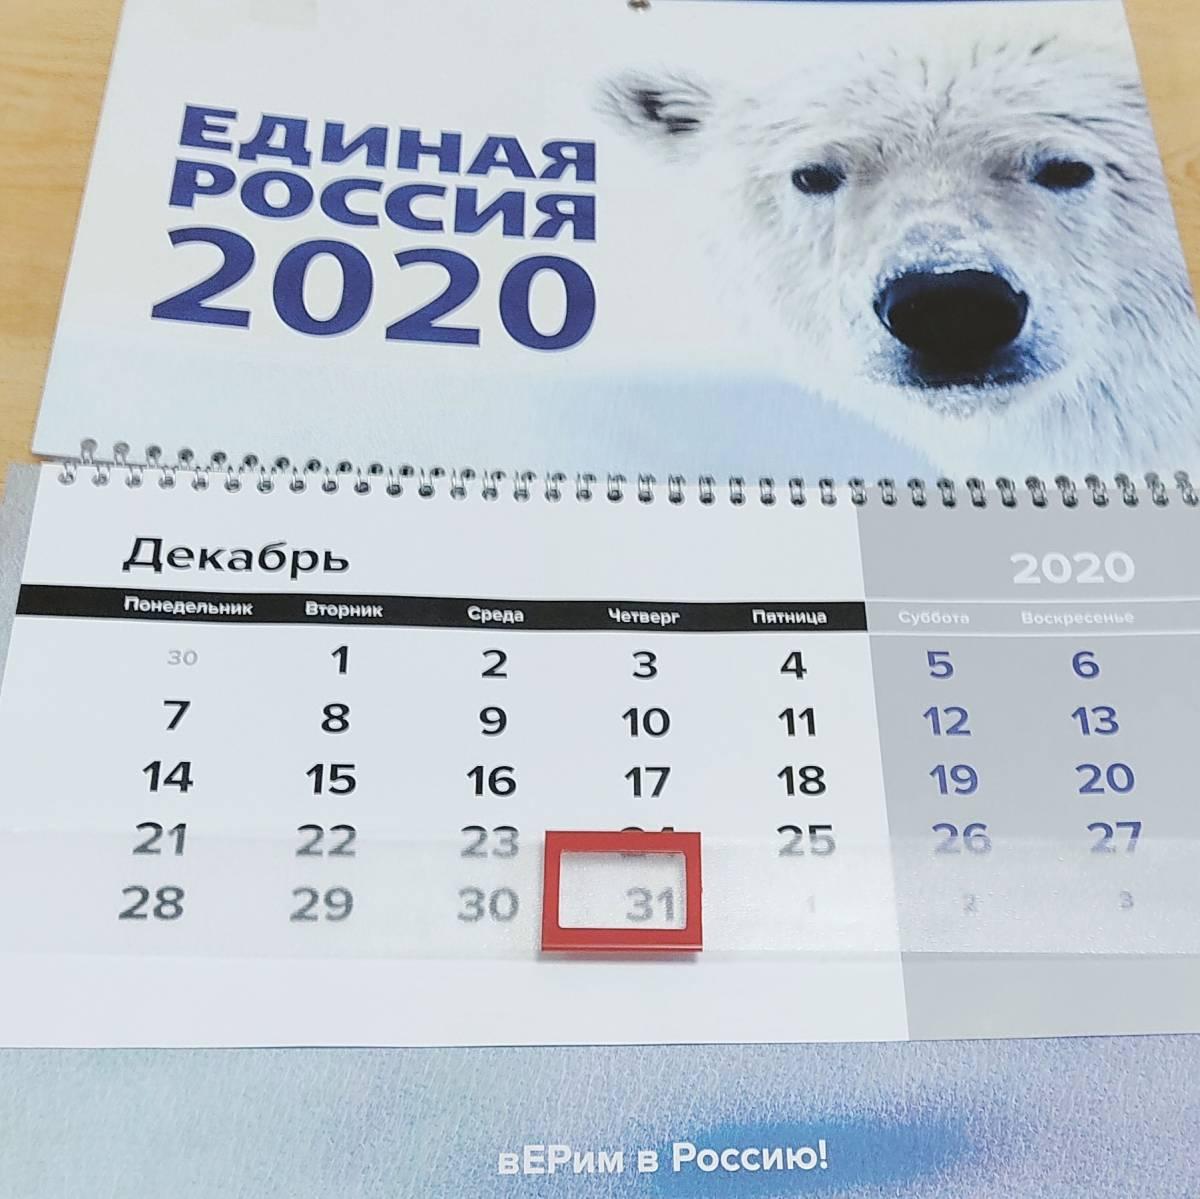 PHOTO 2020 12 25 02 24 19